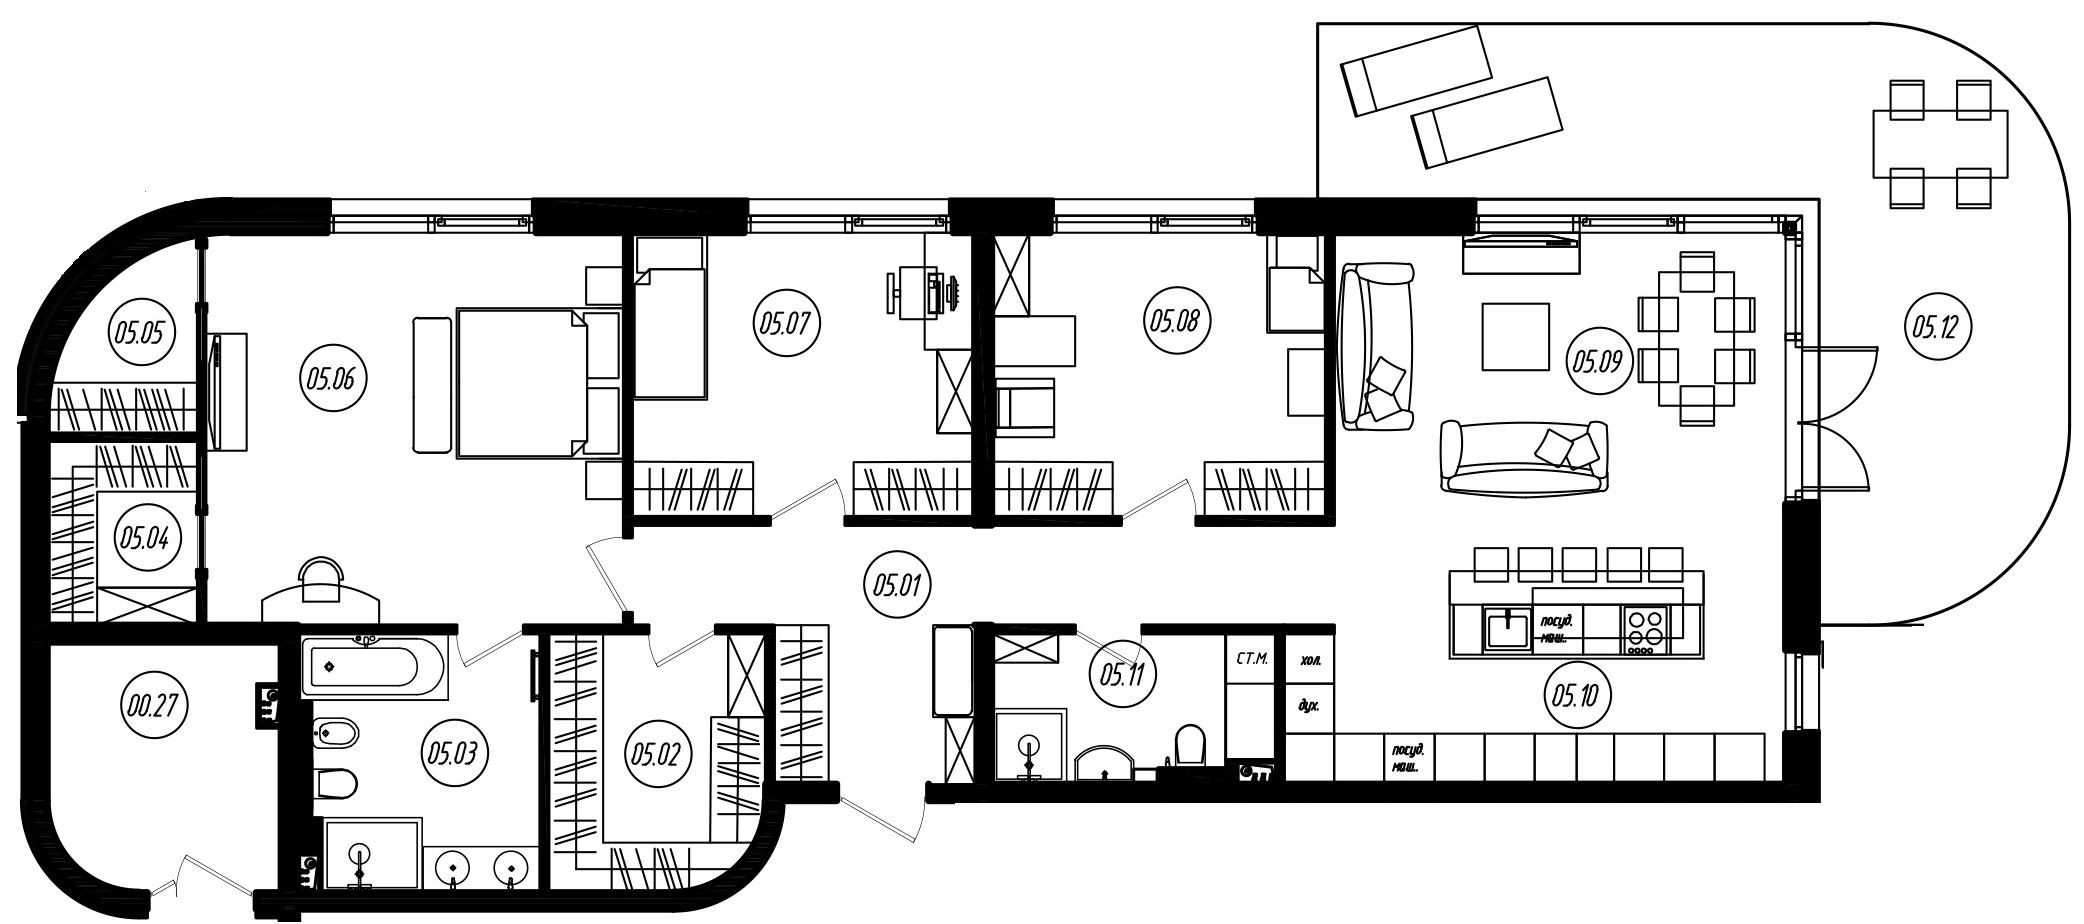 4-комнатная 163 м<sup>2</sup> на 1 этаже